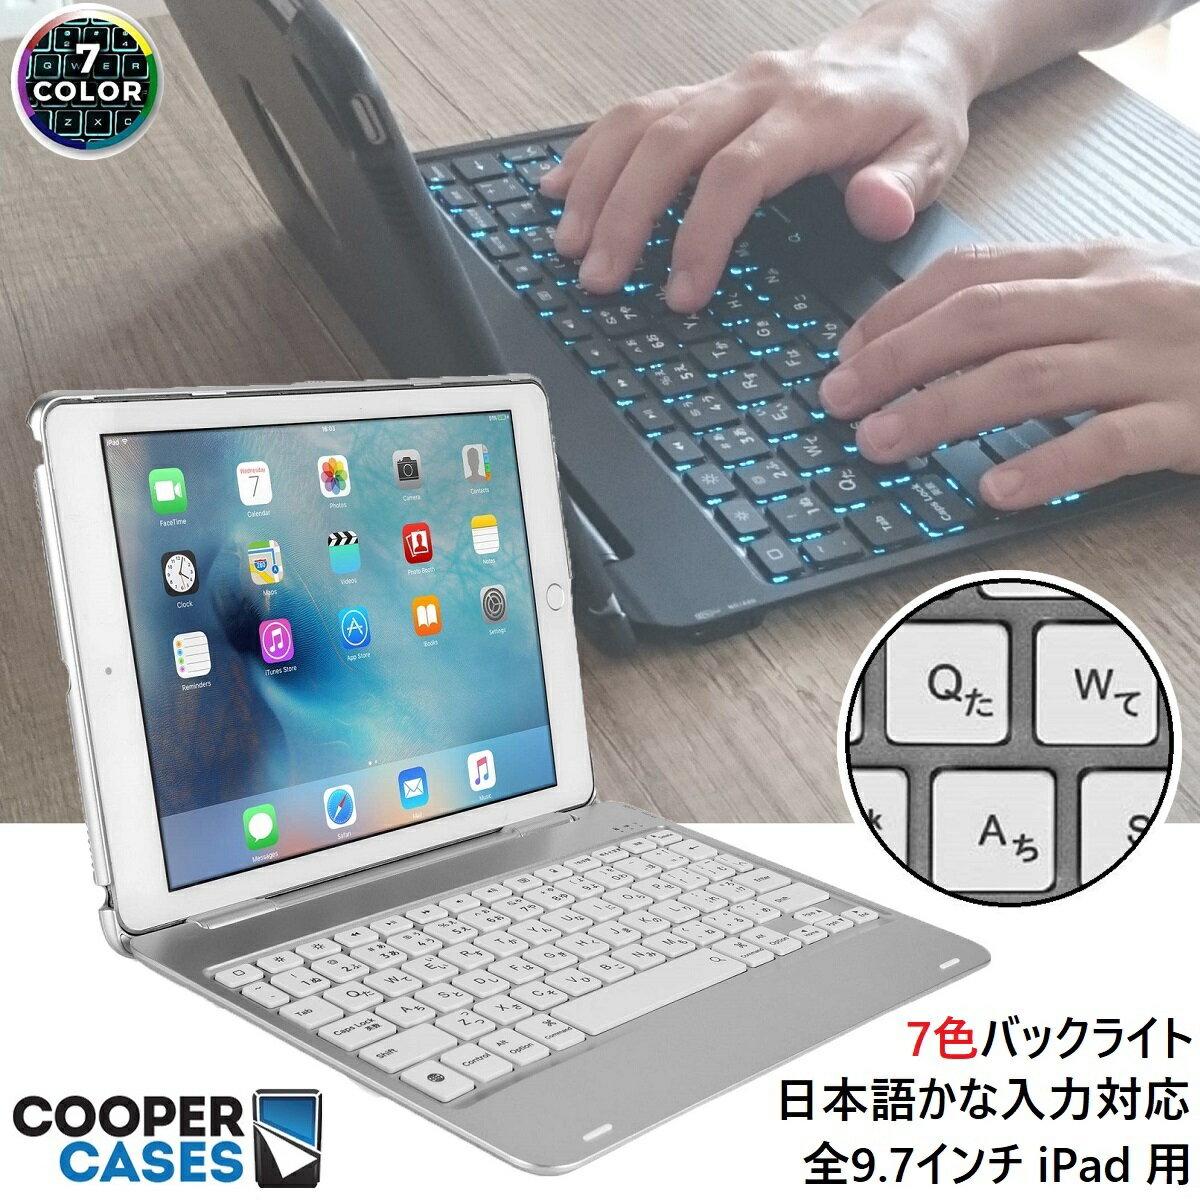 ipad キーボード ケース 9.7 カバー タブレット アイ パッド 【 ipad 2017 ipad5 iPad 2018 ipad6 Pro 9.7 air2 Air 】 おすすめ 人気 かな 文字 日本語 かな入力 Bluetooth ワイヤレス バックライト キーボード付き a1823 Cooper Cases ブランド SLIMBOOK ICHIBAN